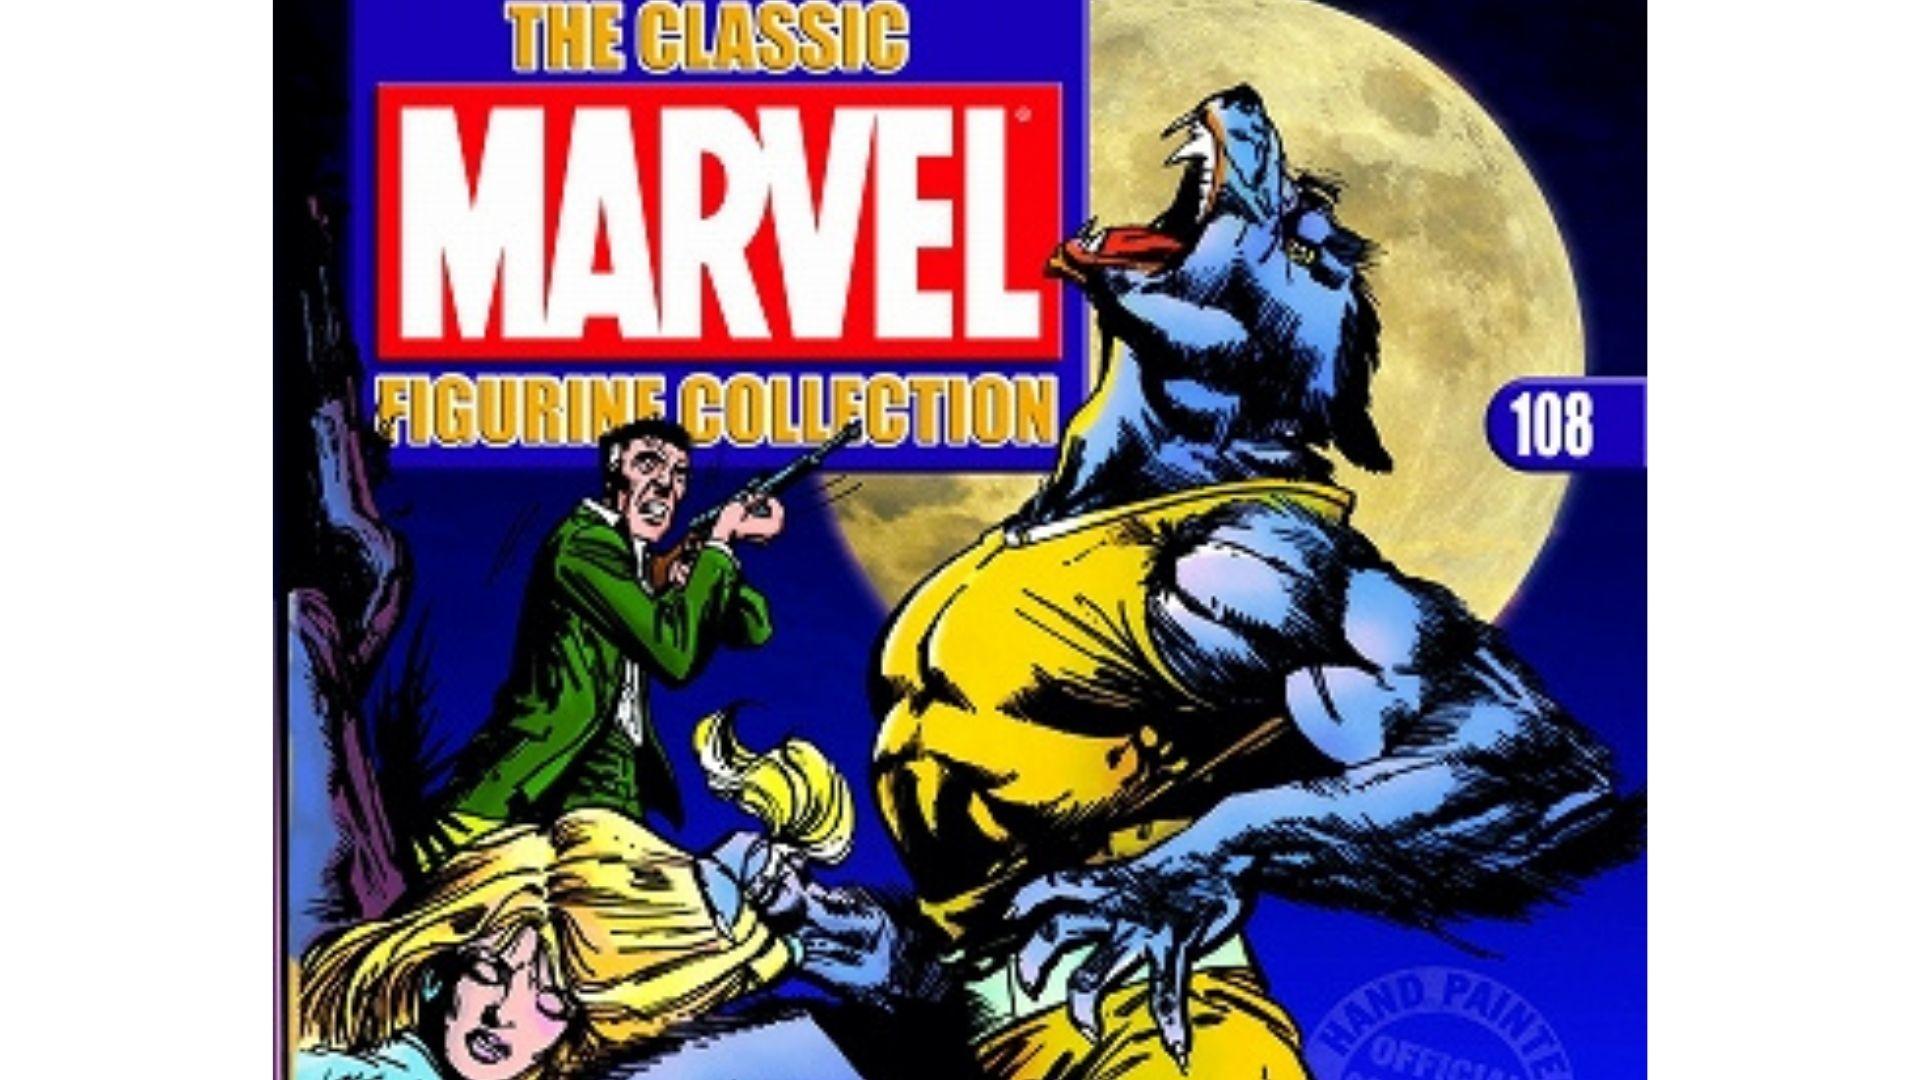 【スパイダーマン】マンウルフの強さ・能力について解説!【マーベル原作】